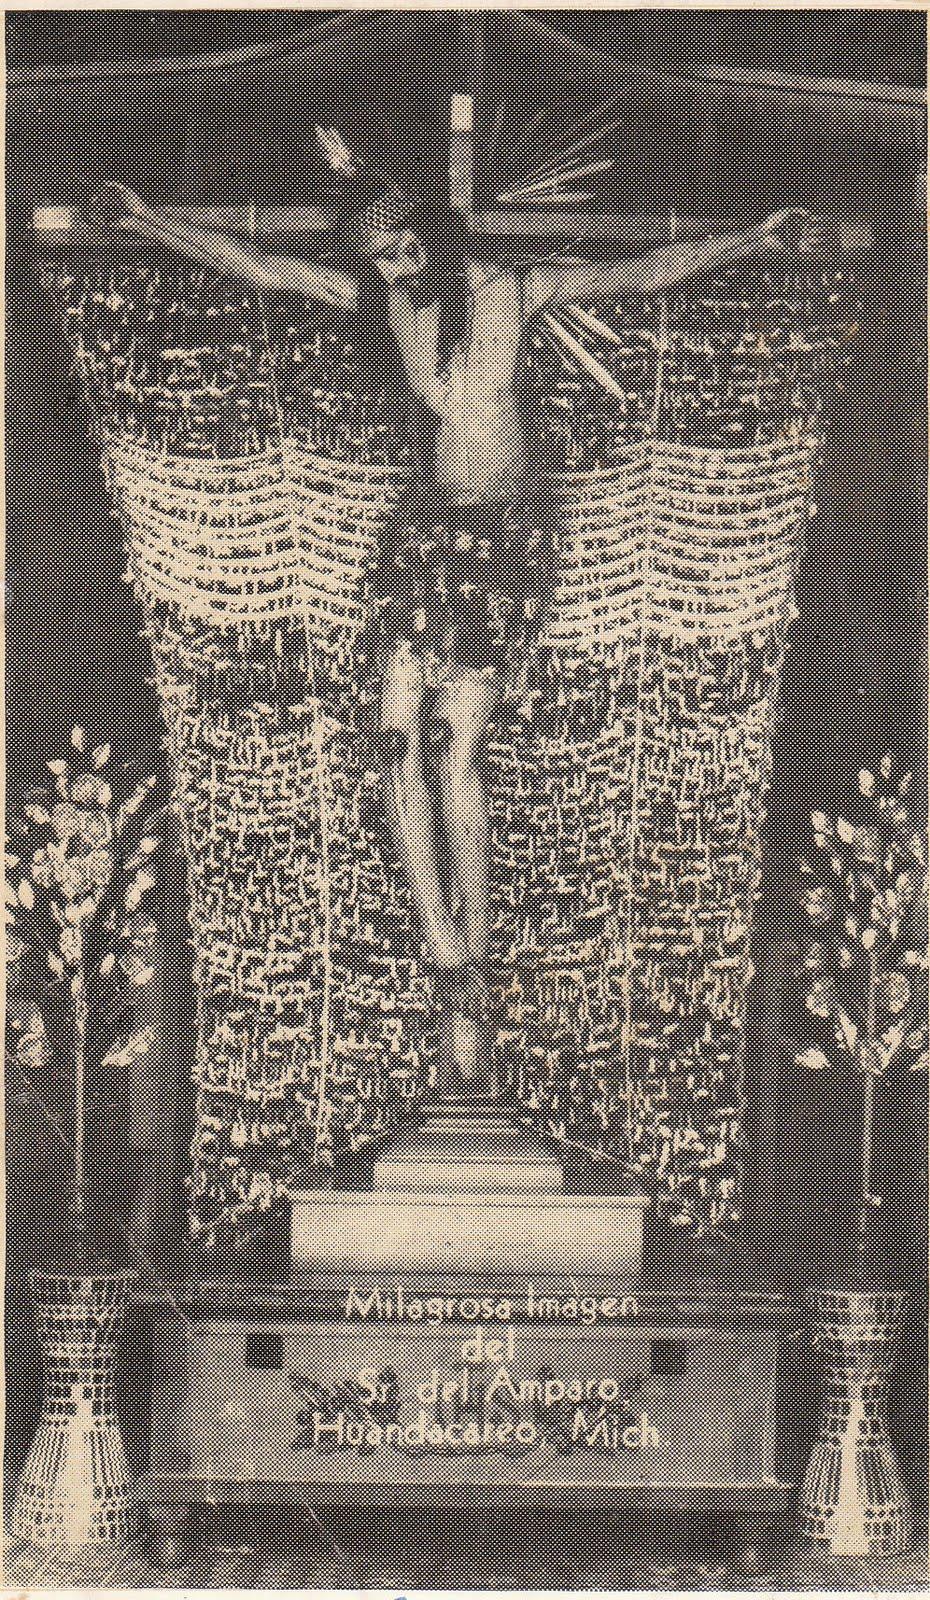 El Cristo - Nuestro Senor del Amparo